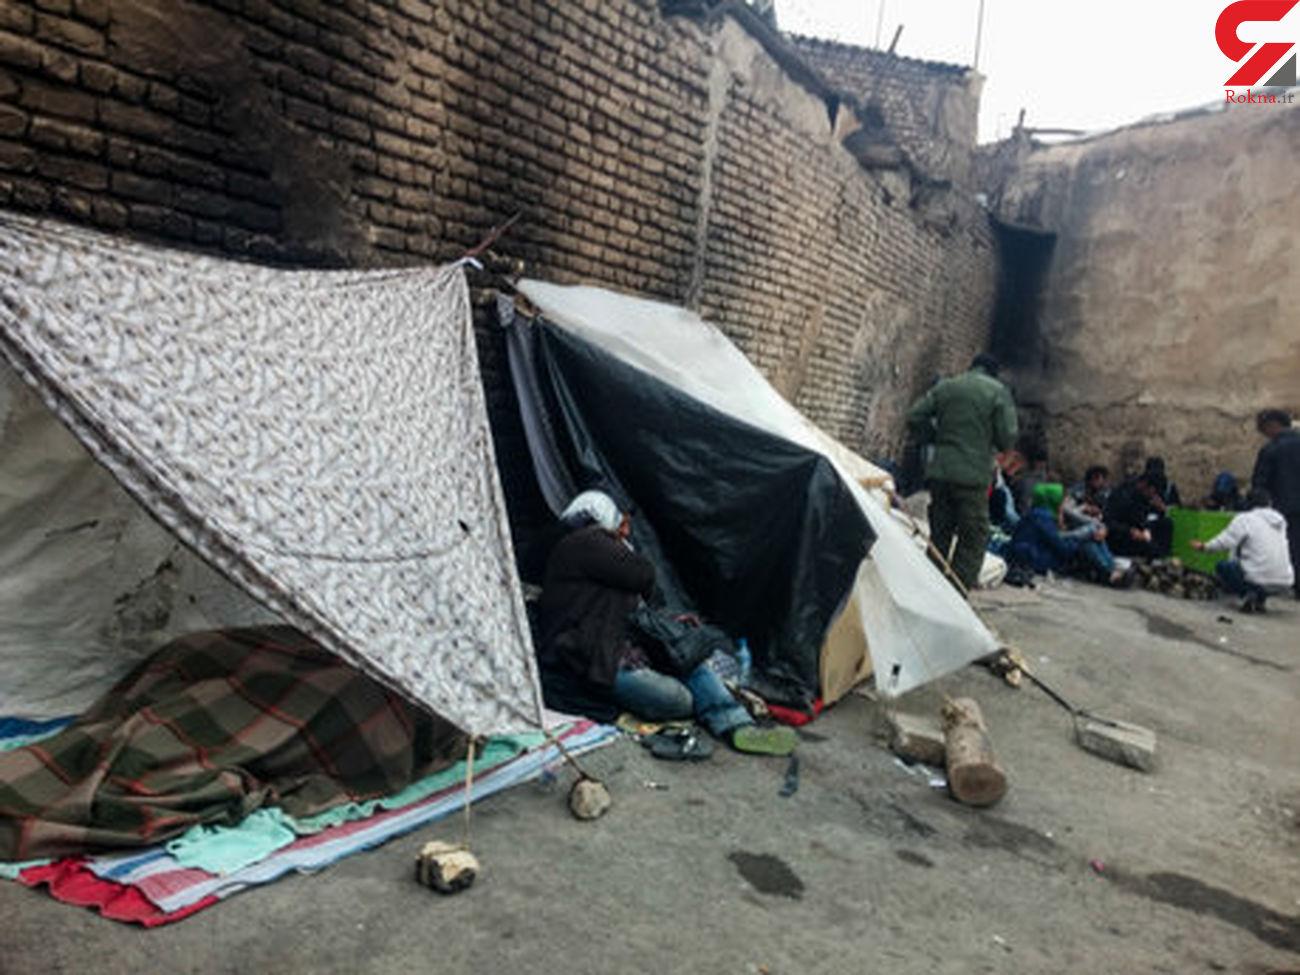 سقوط کودکان فقیر در سیاه چاله های هرندی! / جولان کارتل های بزرگ موادمخدر در تهران + فیلم